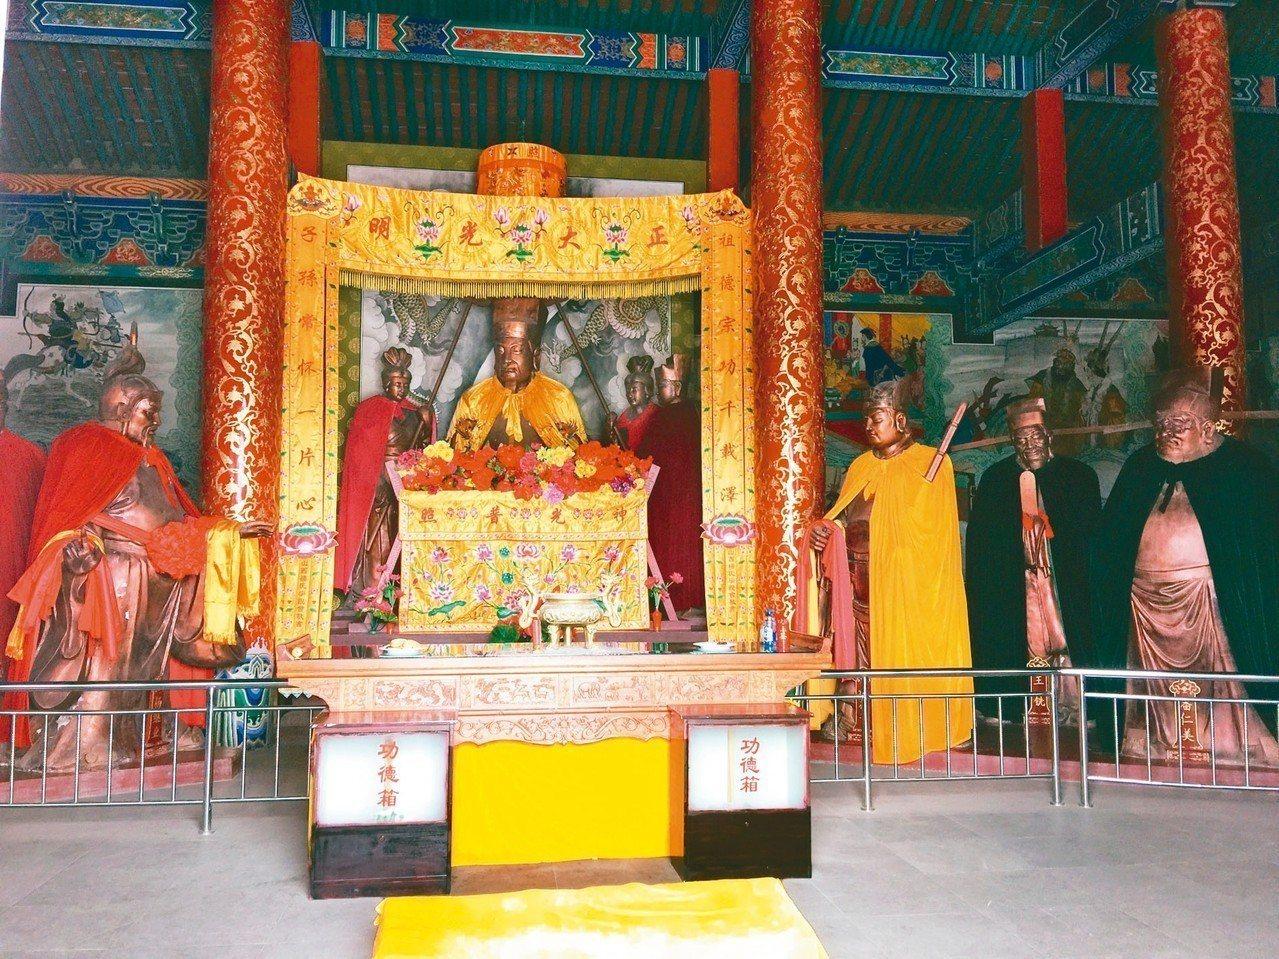 仁和殿內以塑像呈現朝議場景,中坐者為宋太宗。 記者汪莉絹/攝影